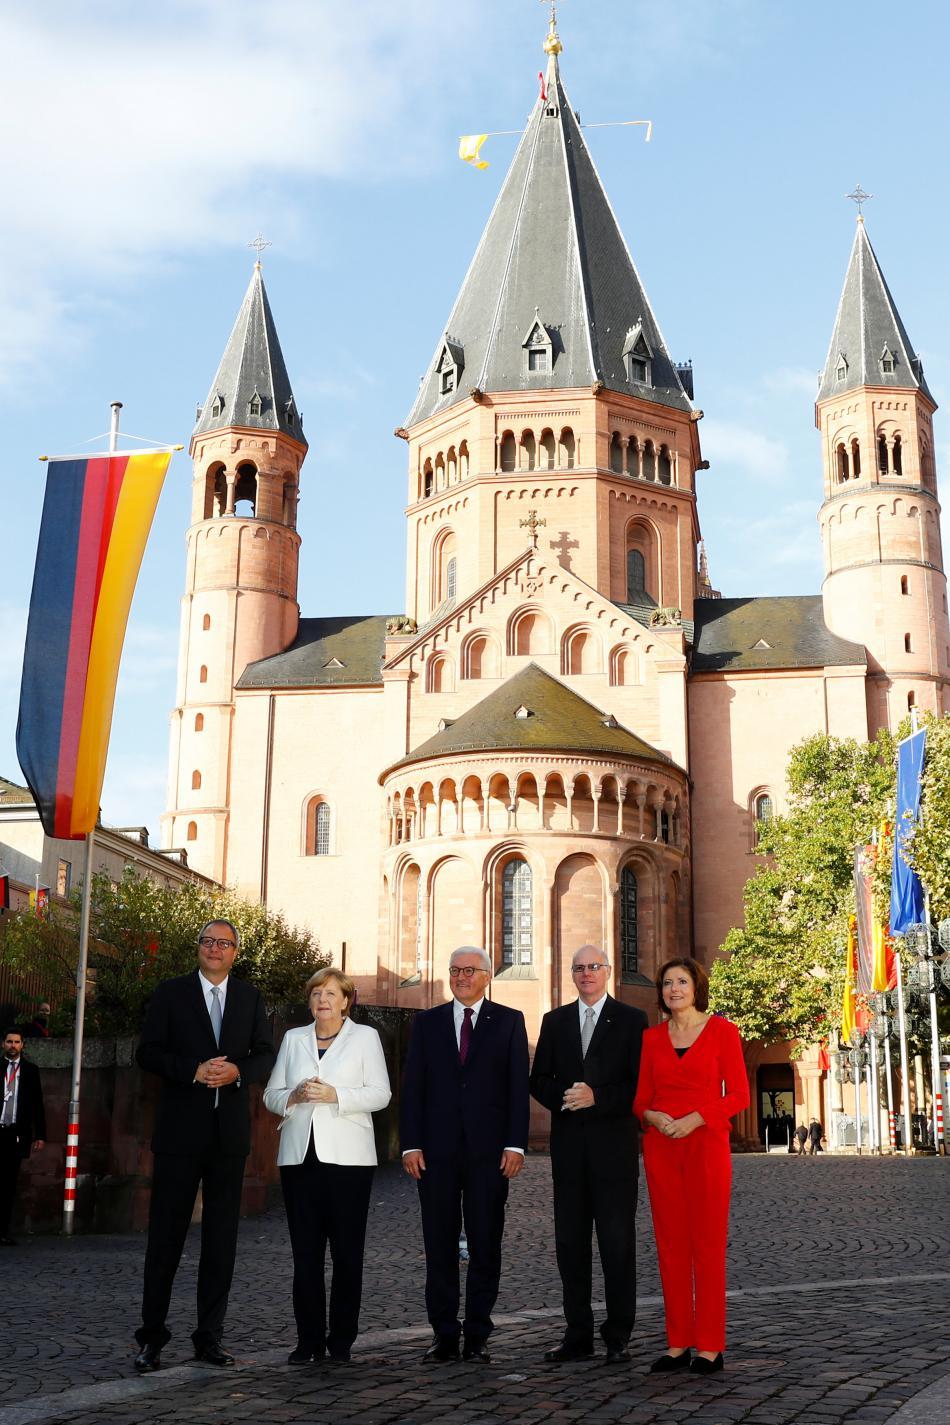 Oslavy sjednocení Německa v Mohuči